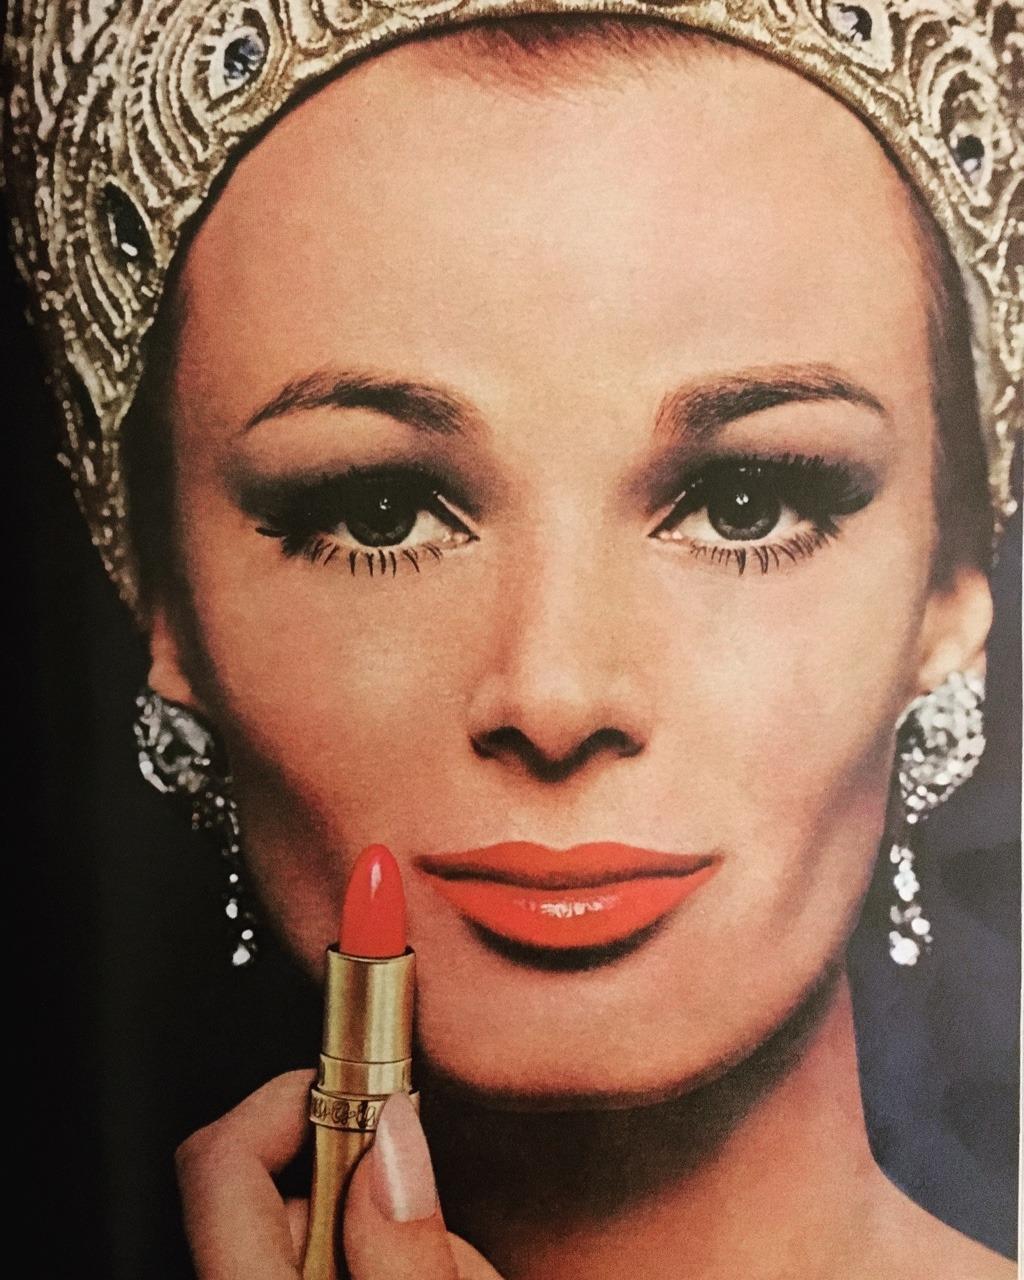 Cover Girl lipstick.   Mademoiselle. June 1964.